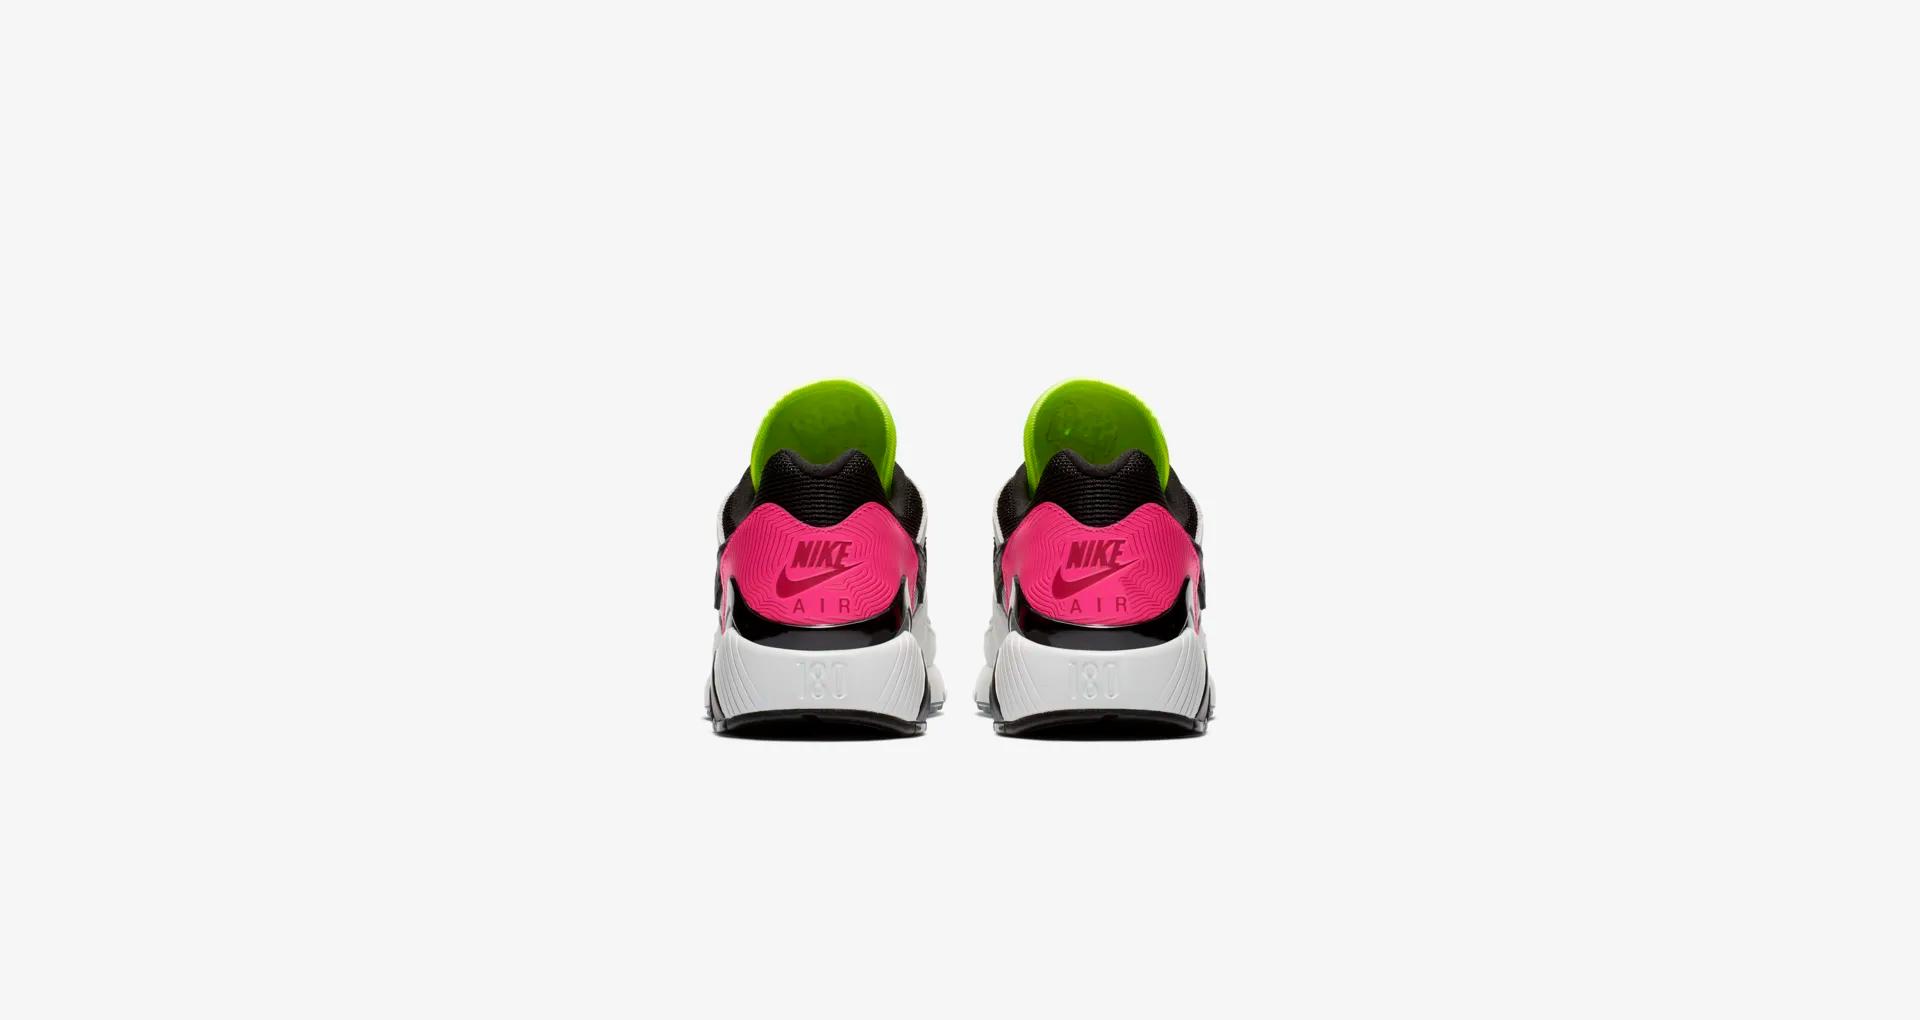 BV7487 001 Nike Air Max 180 BLN Hyper Pink 6